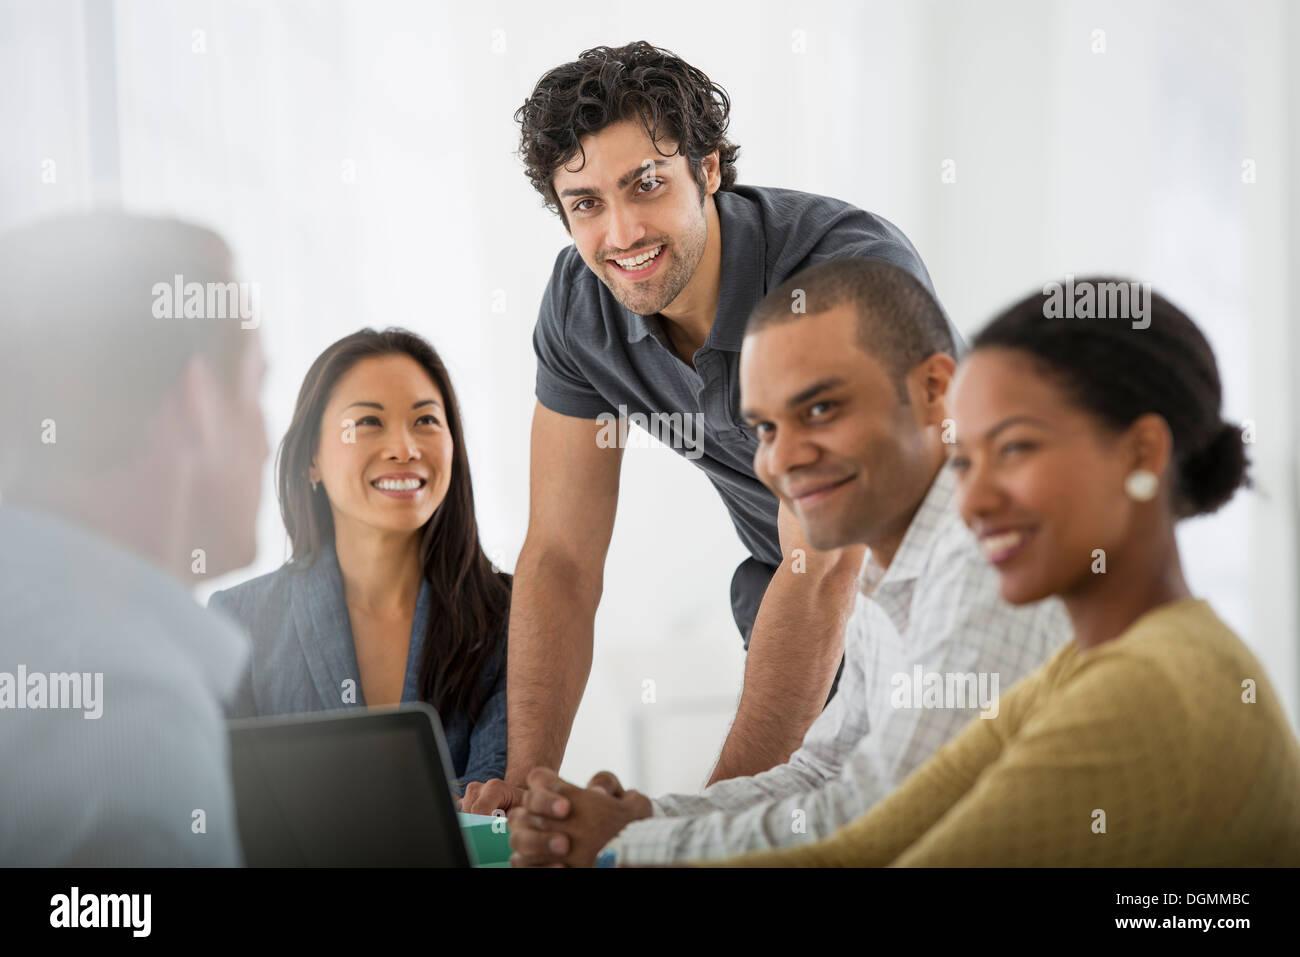 Un multi etnico gruppo di persone intorno a un tavolo, uomini e donne. Il lavoro di squadra. Riunione. Immagini Stock